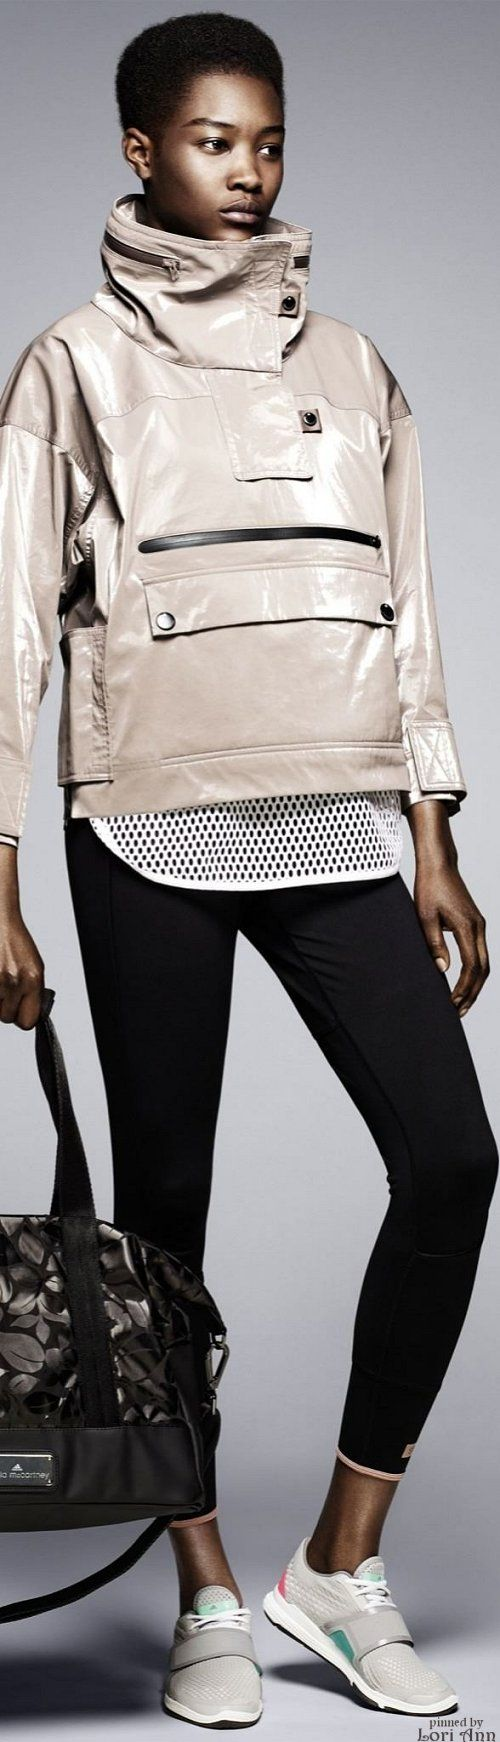 Adidas by Stella McCartney Fall 2015 RTW